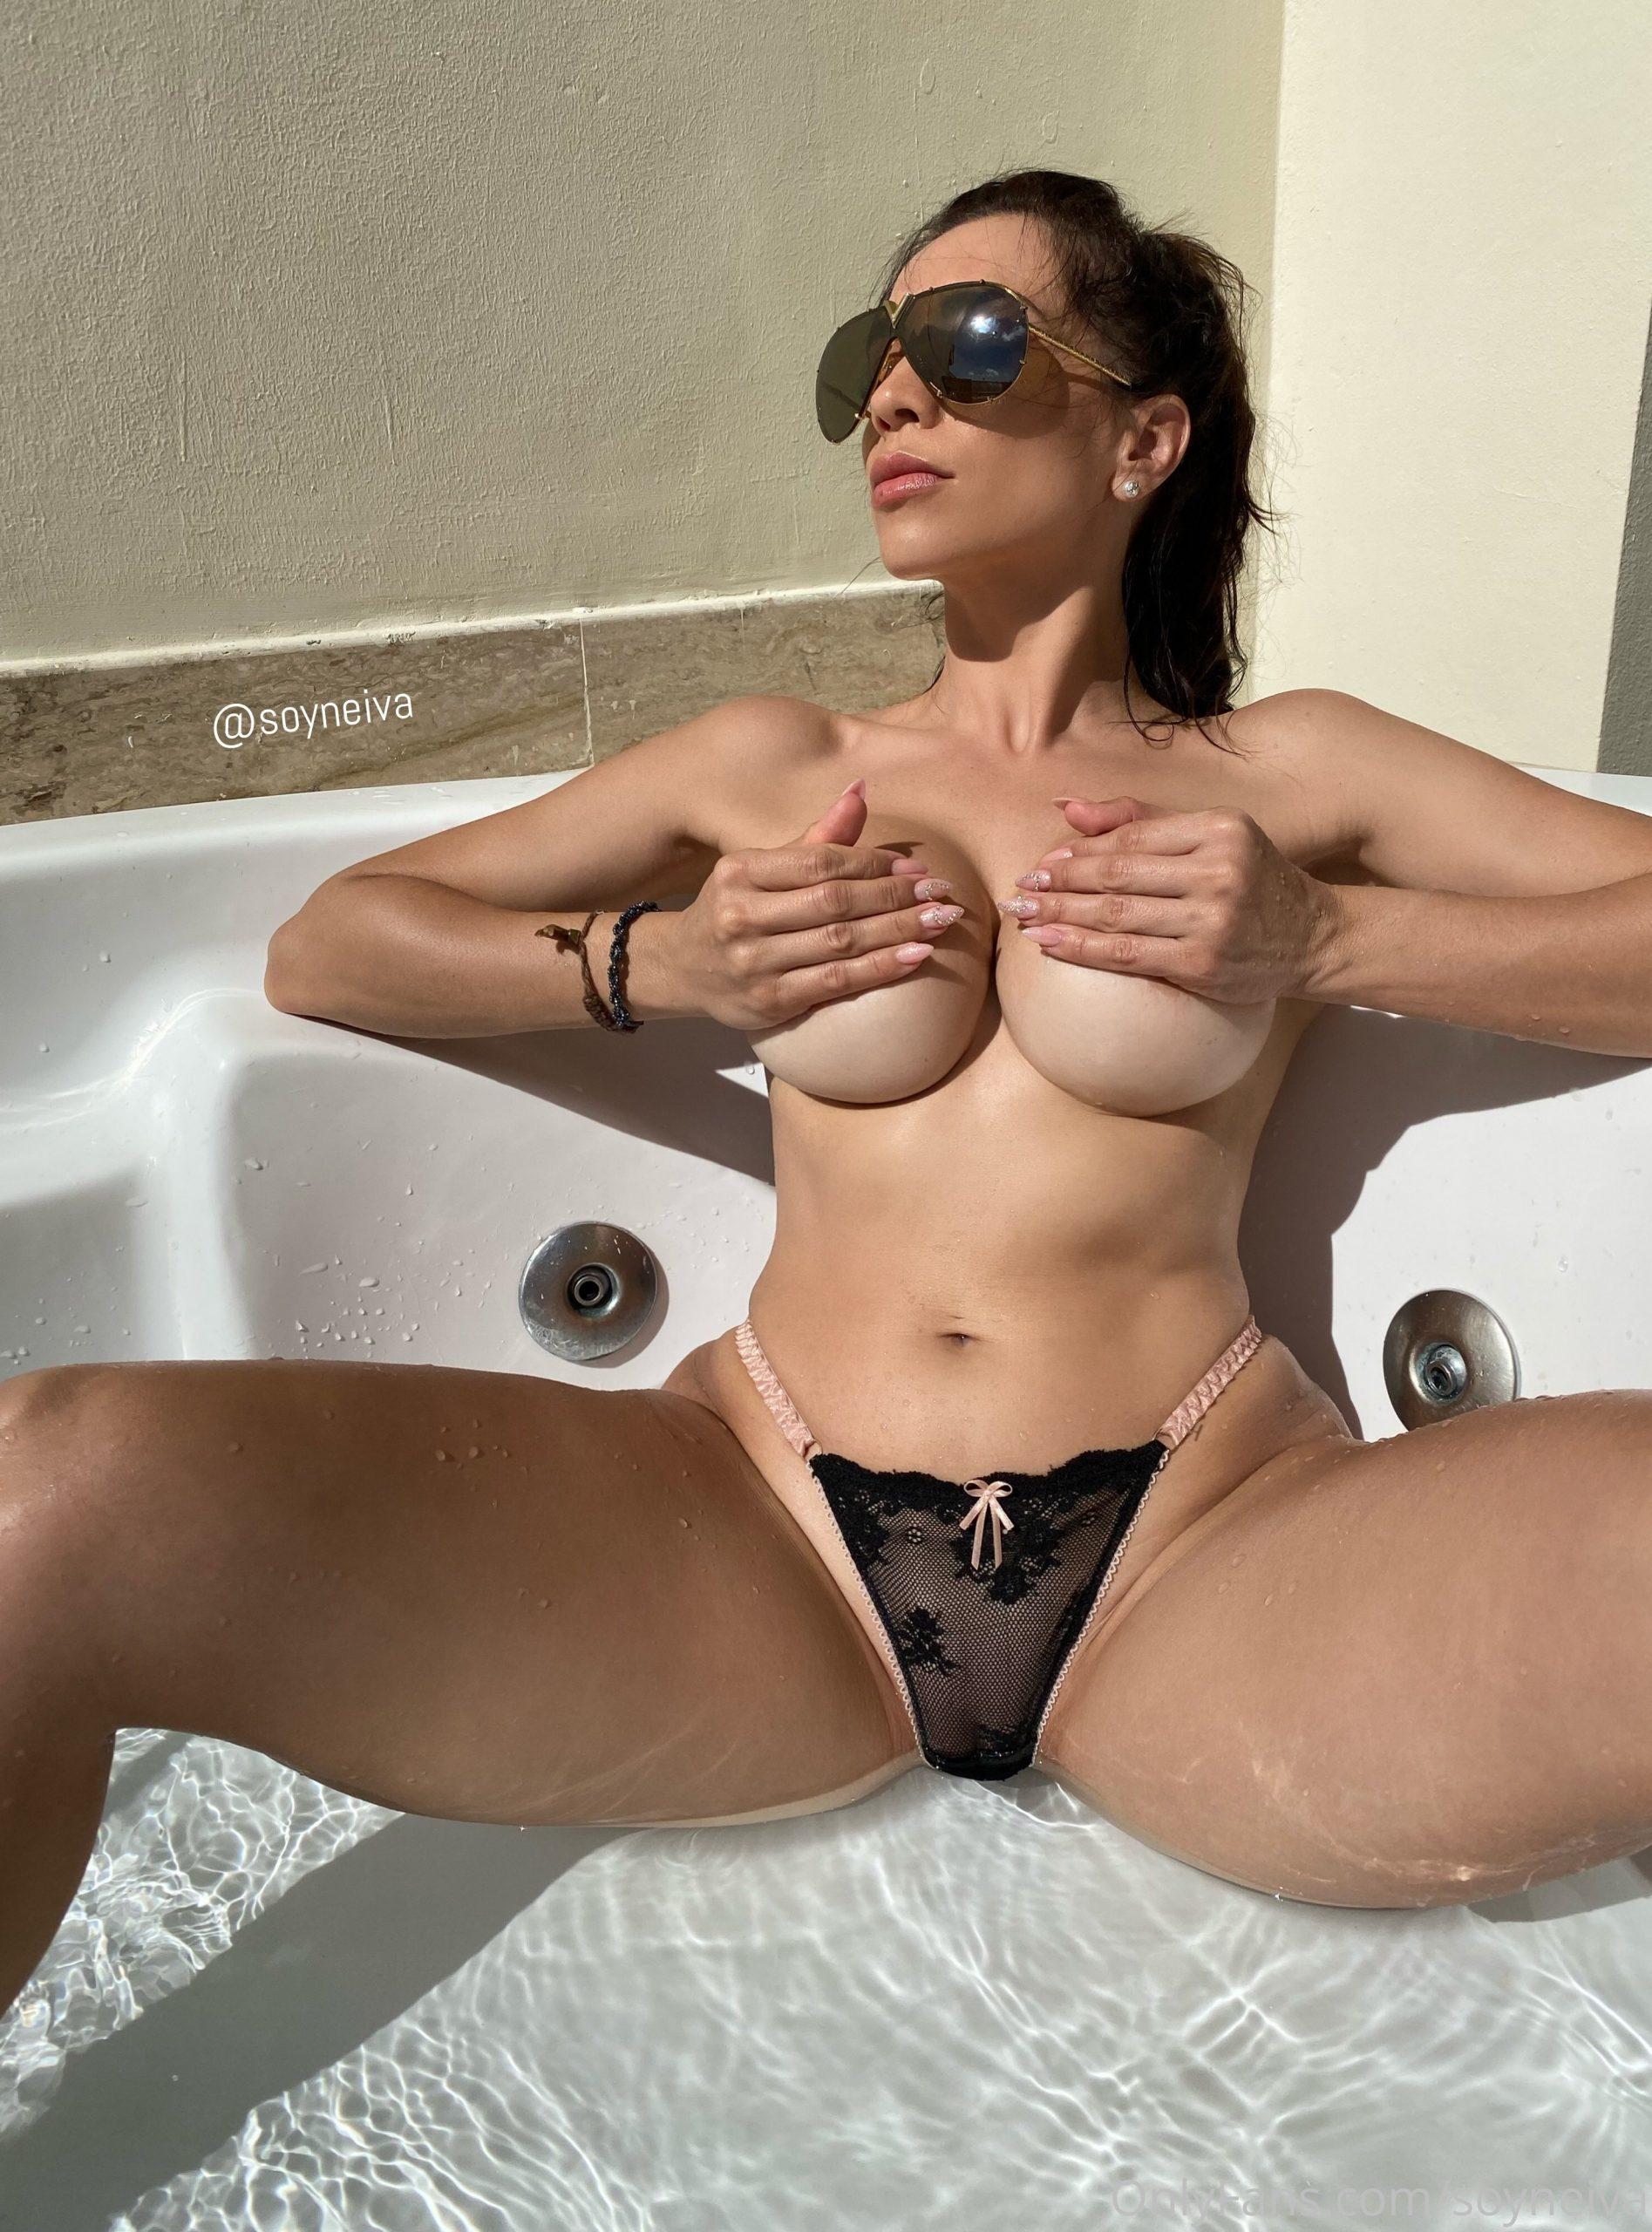 Neiva Mara, Soyneiva, Onlyfans Nudes Leaks 0024